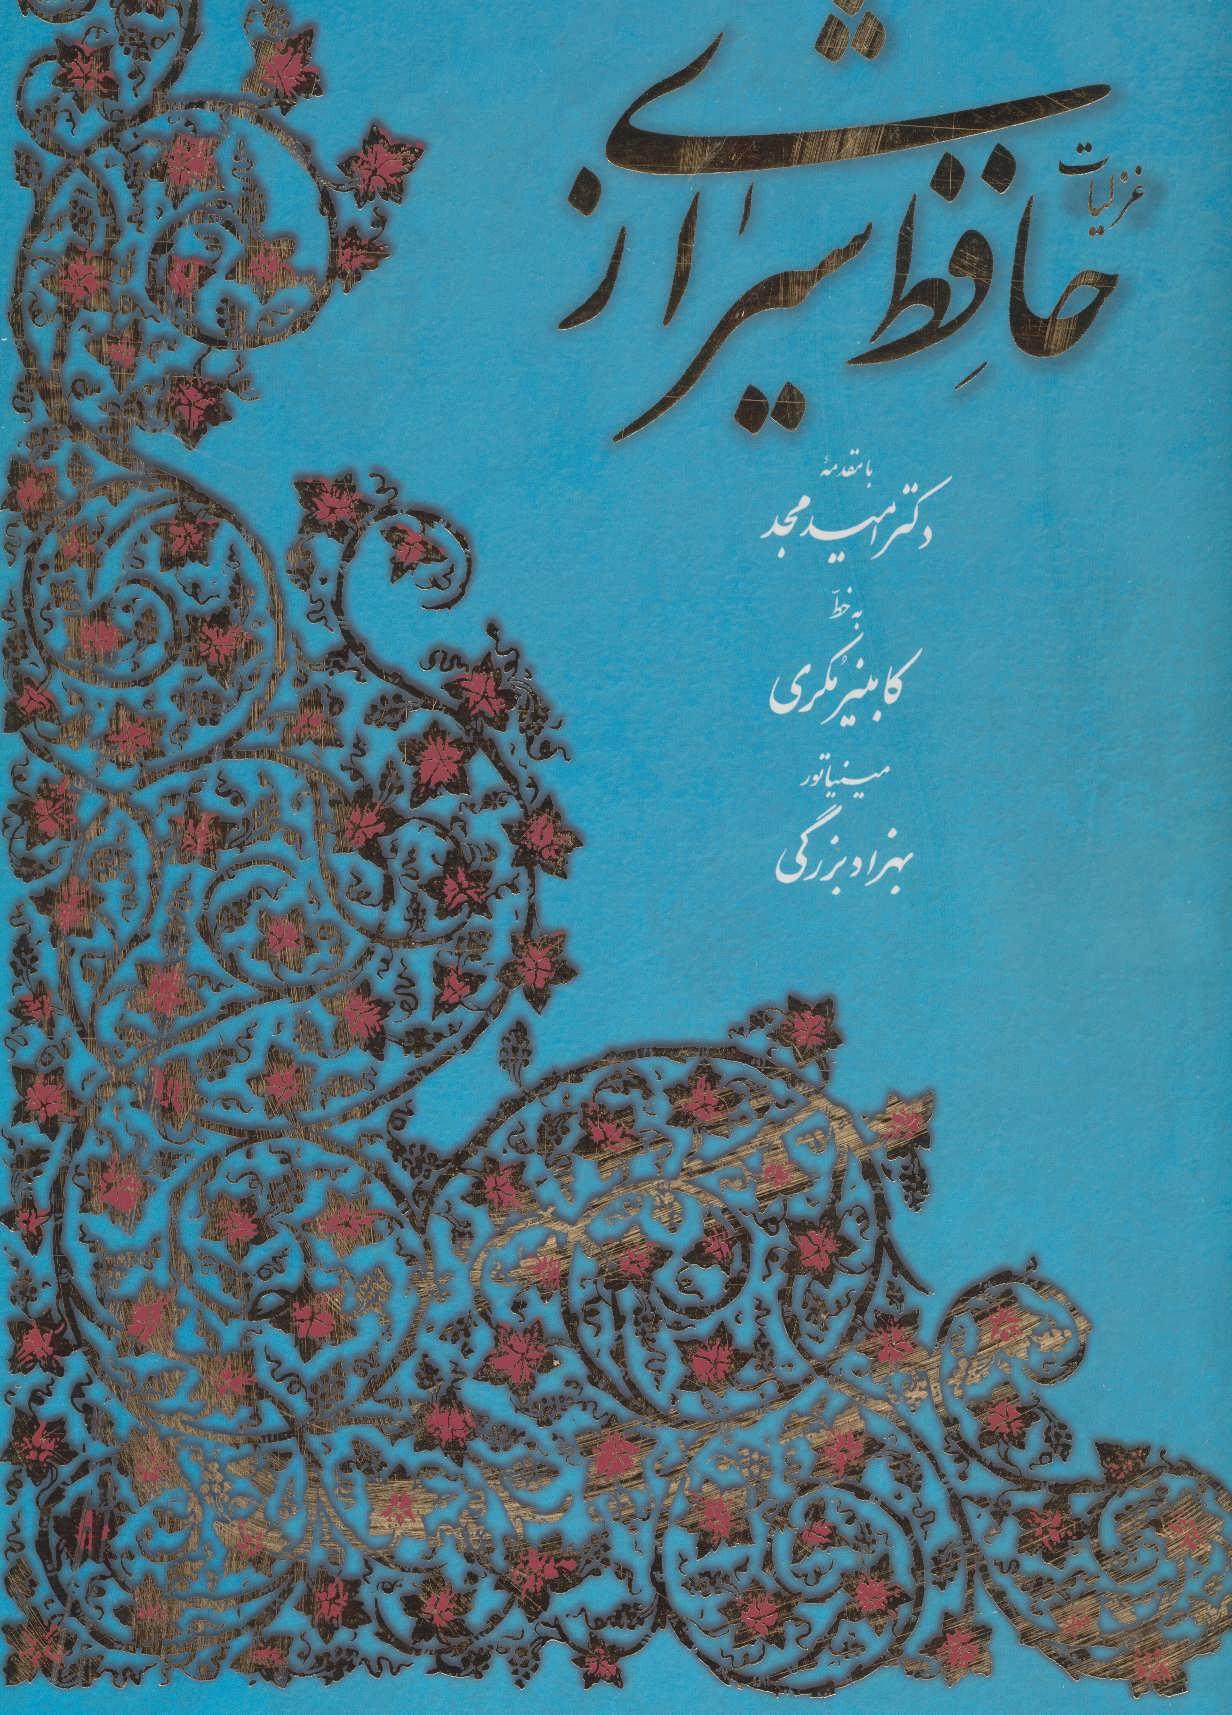 غزليات حافظ شيرازي مكري (2زبانه)،(گلاسه)